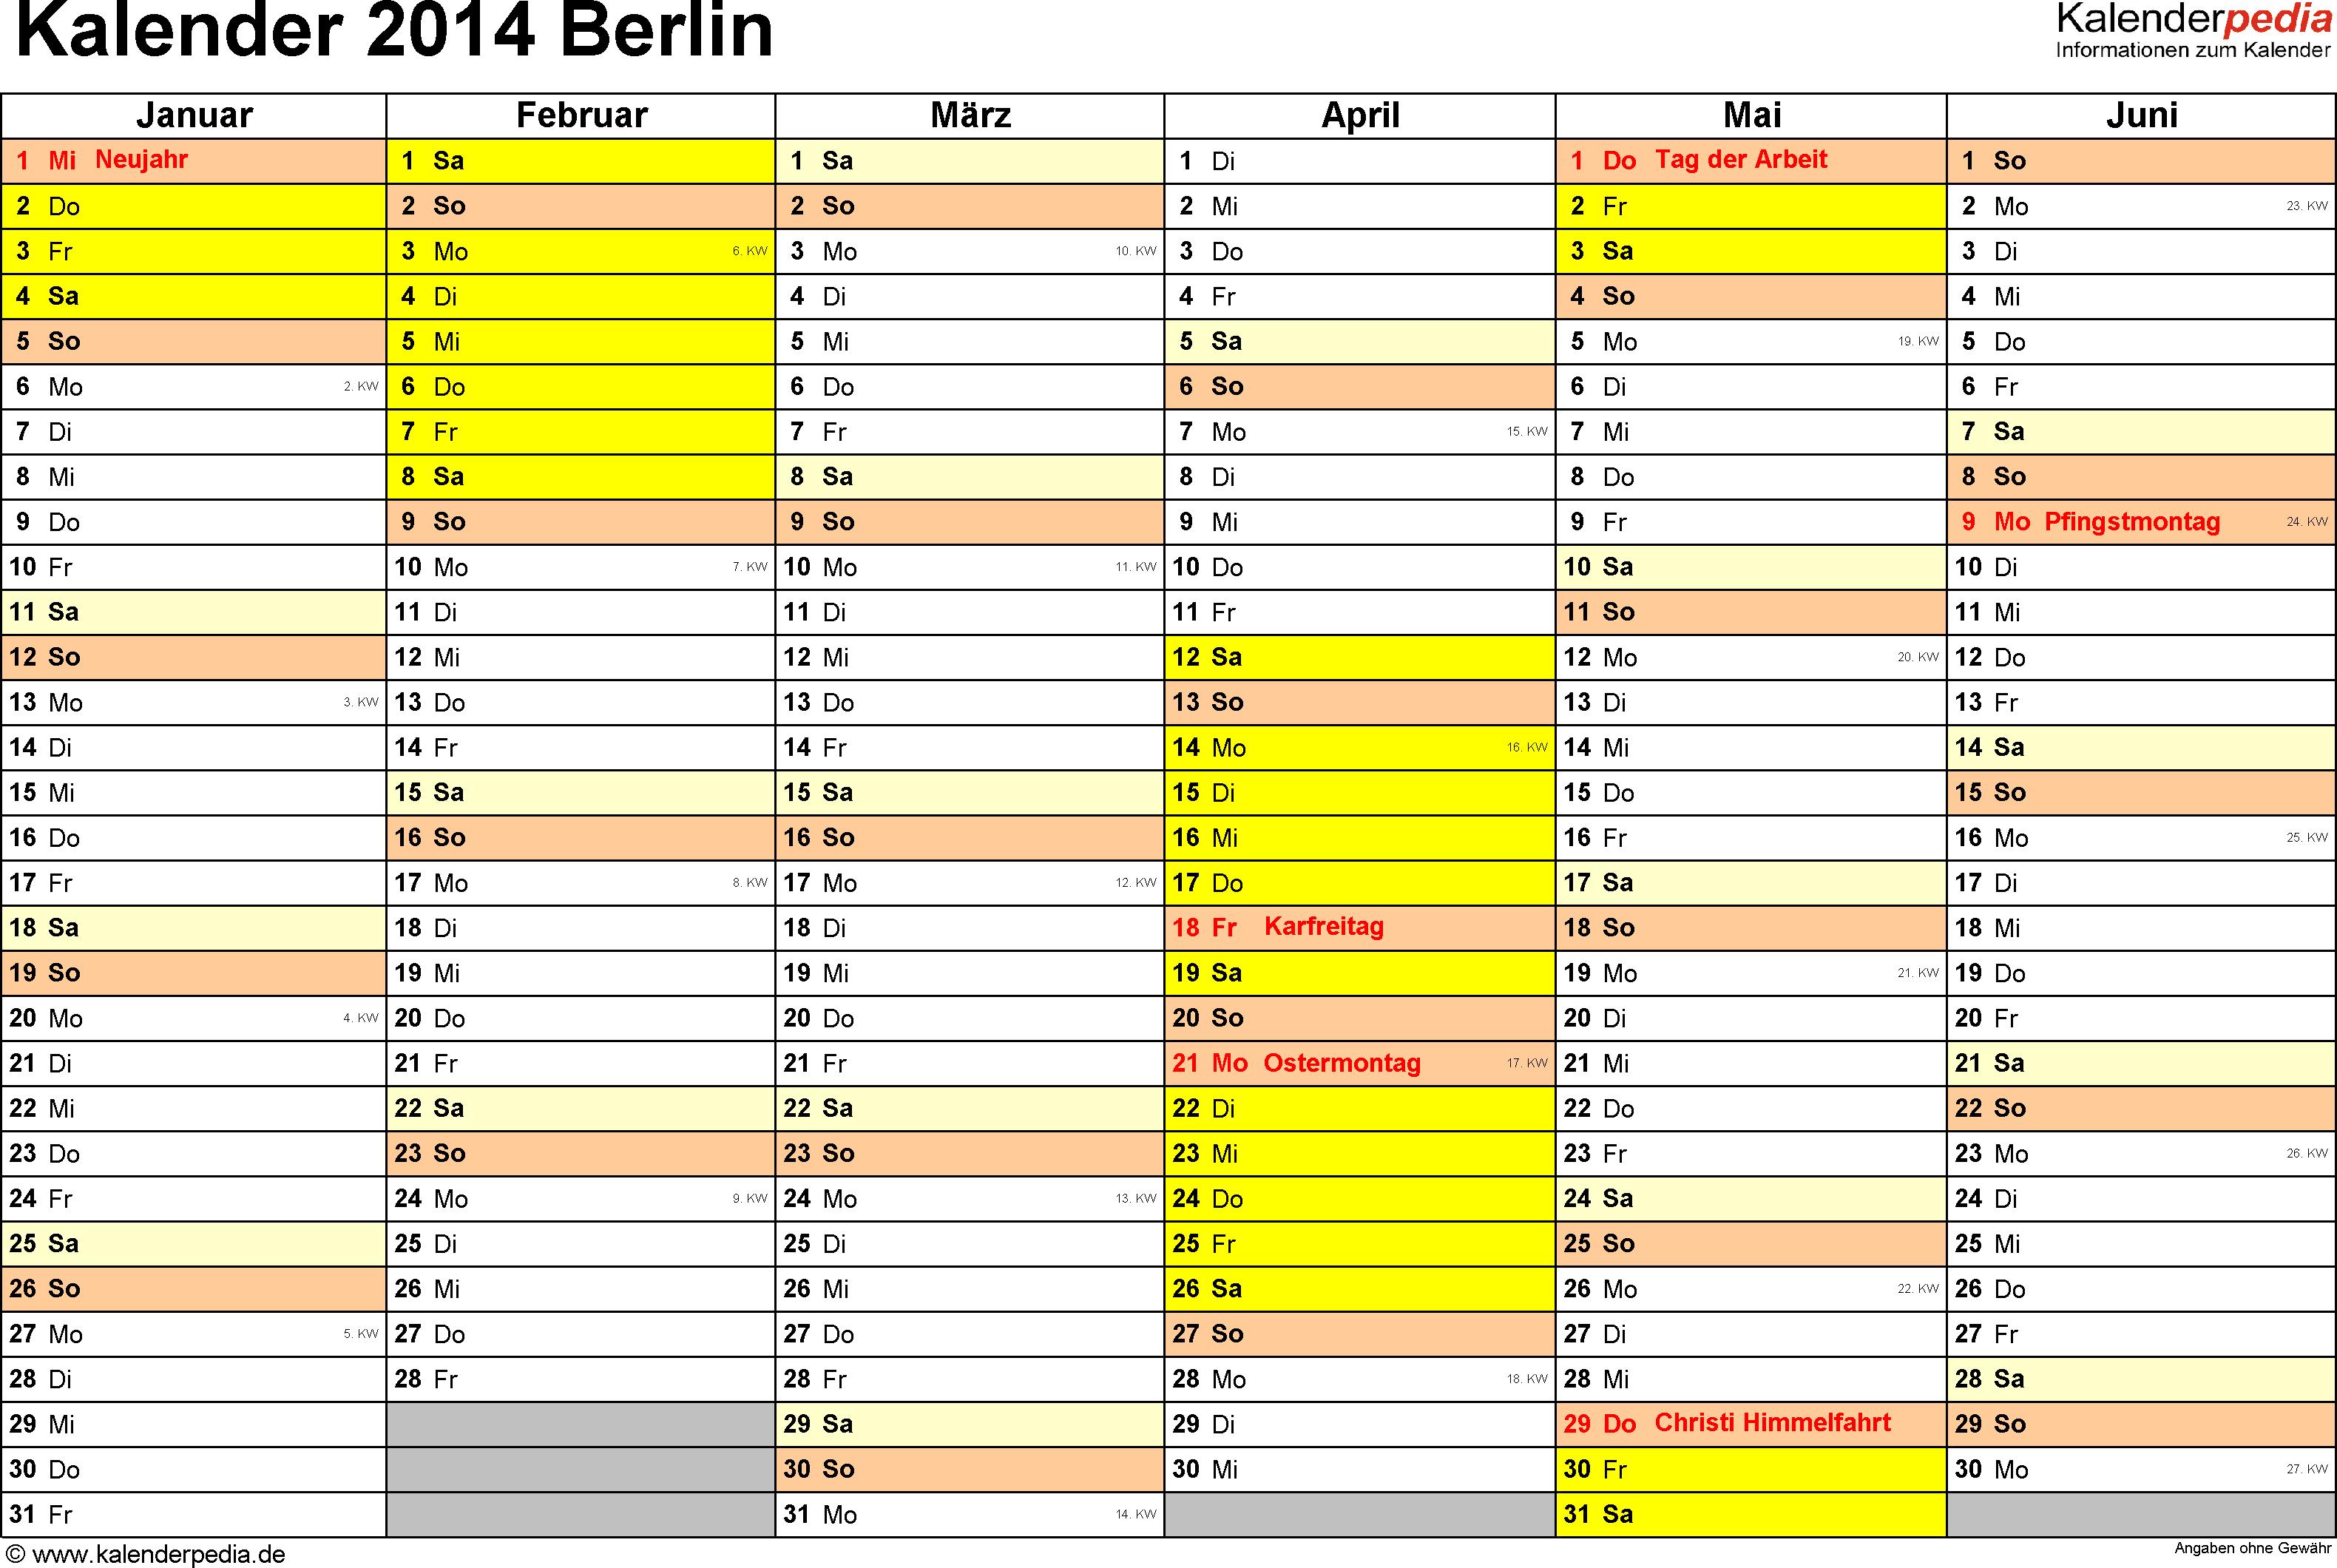 Vorlage 3: Kalender 2014 für Berlin als Excel-Vorlagen (Querformat, 2 Seiten)